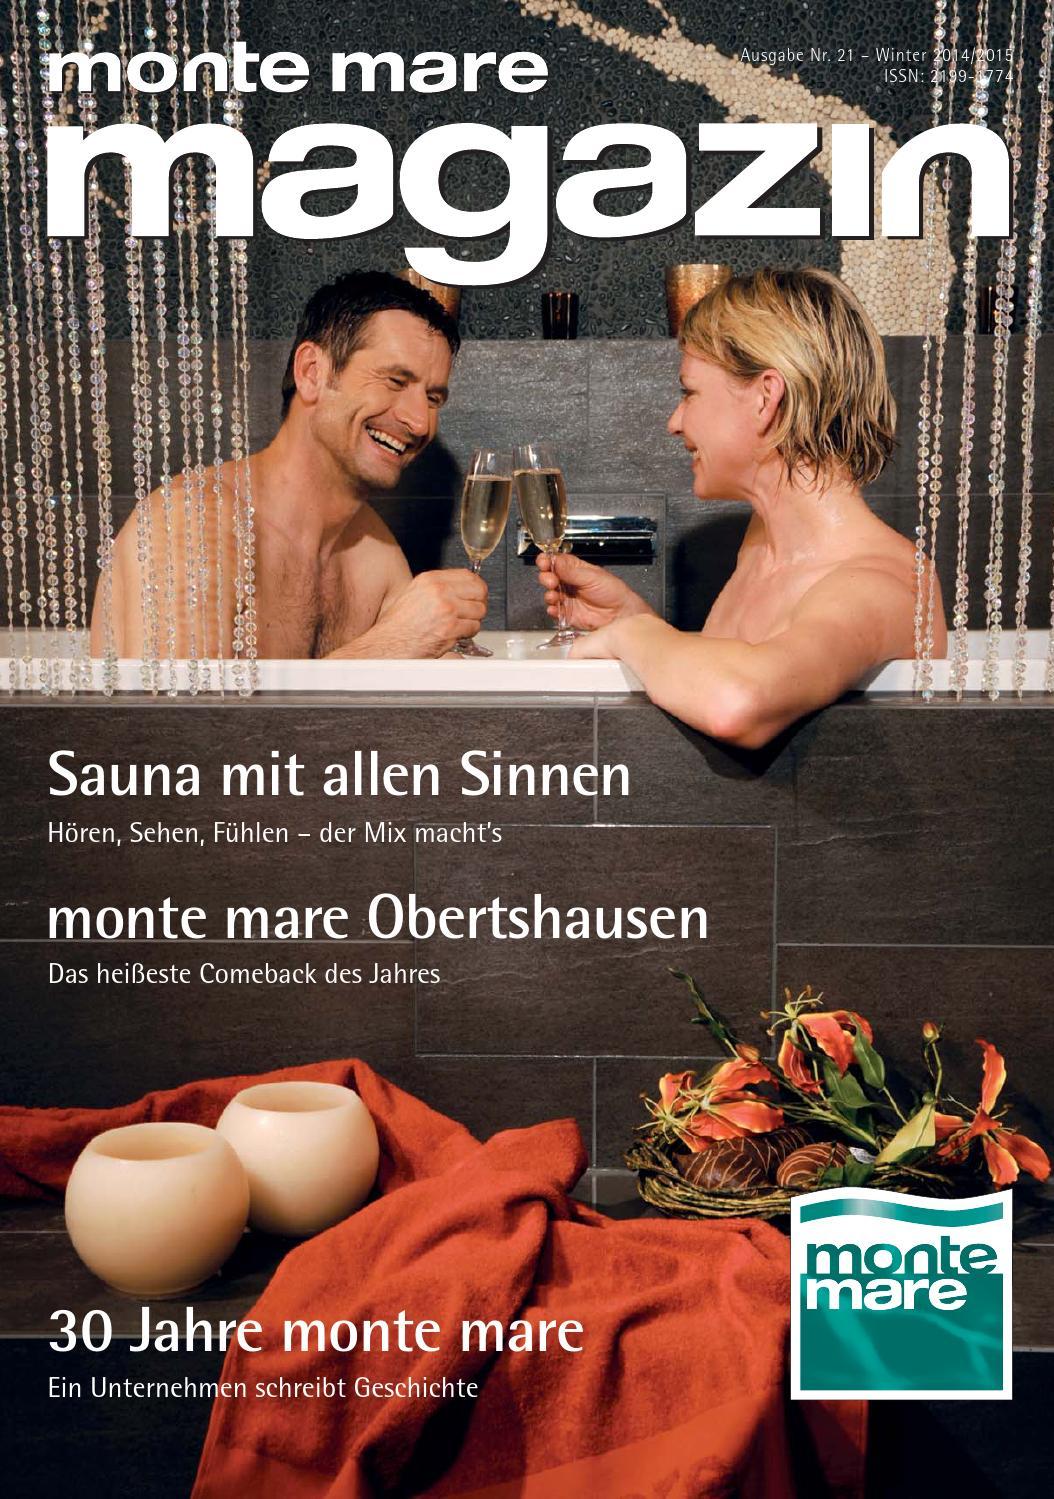 monte mare Magazin Winter 2014/2015